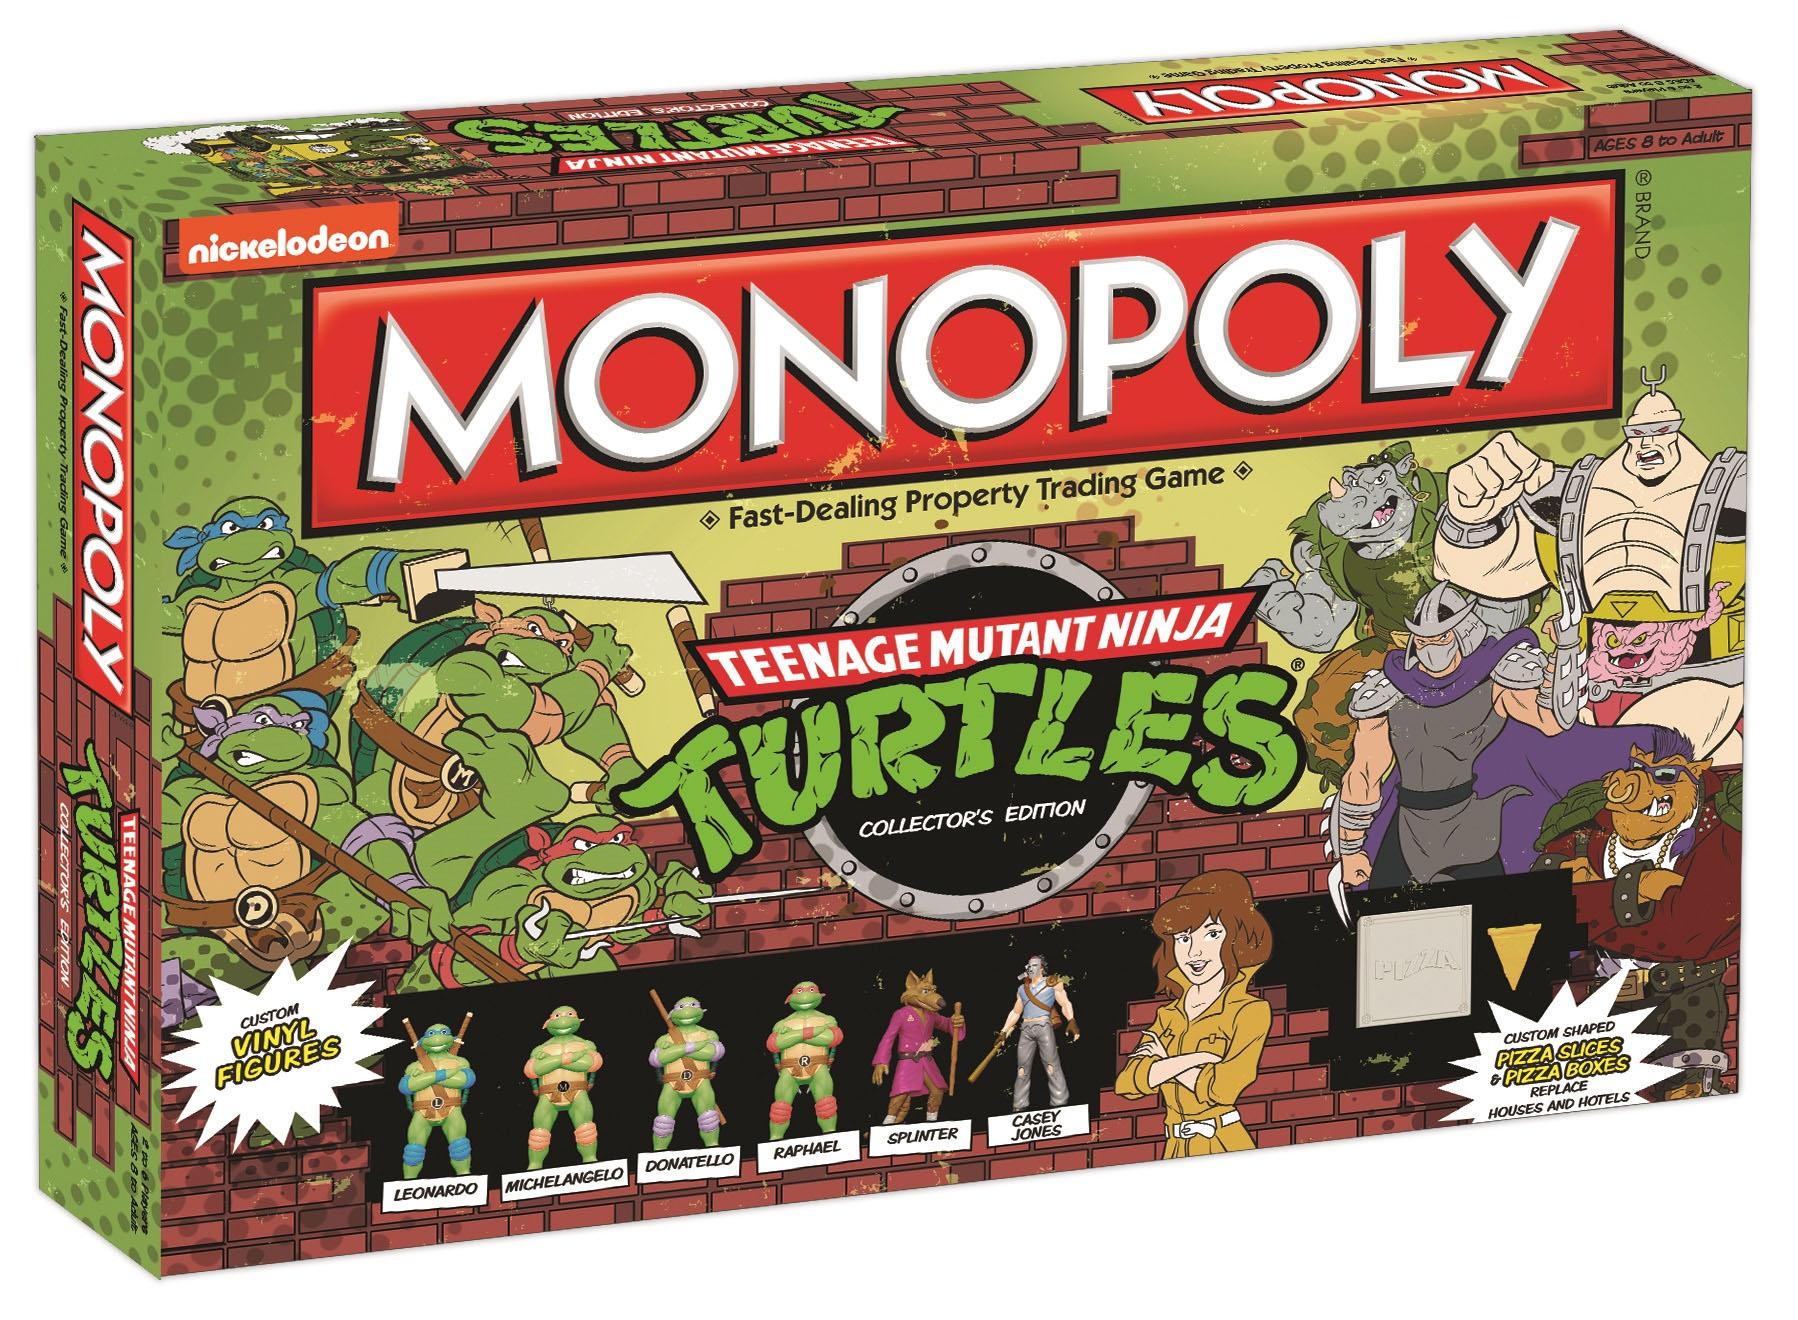 Teenage Mutant Ninja Turtles – Monopoly – Uptown2000 Rocks